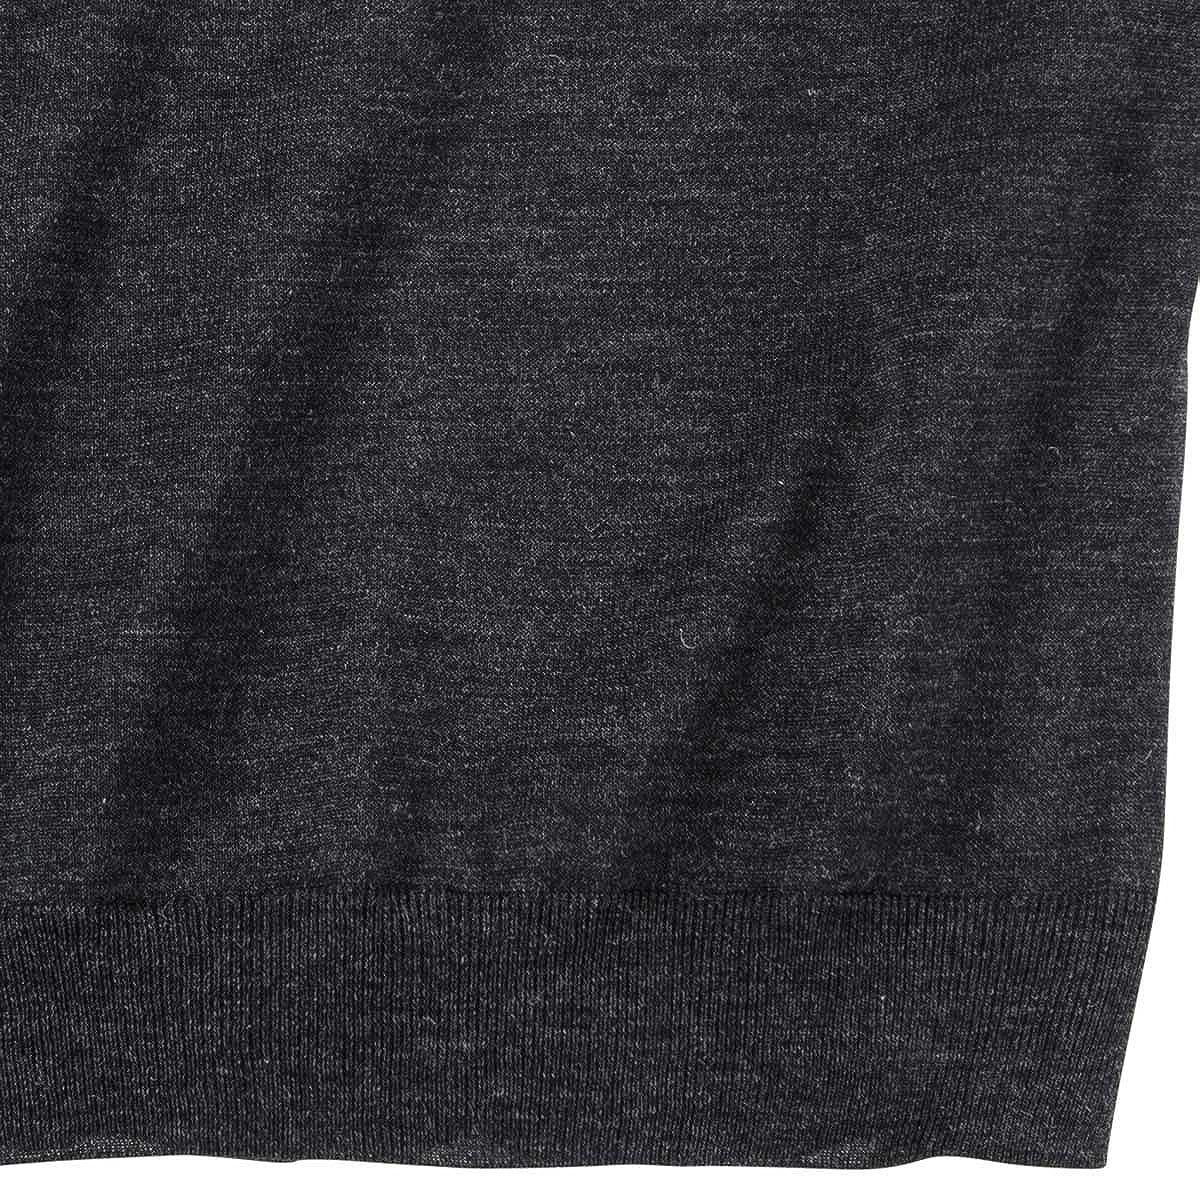 Breidhof Pullunder aus Merino-Wolle Merino-Wolle Merino-Wolle B077QLR5GH Pullunder & Strickwesten Ausgezeichnet f56c13